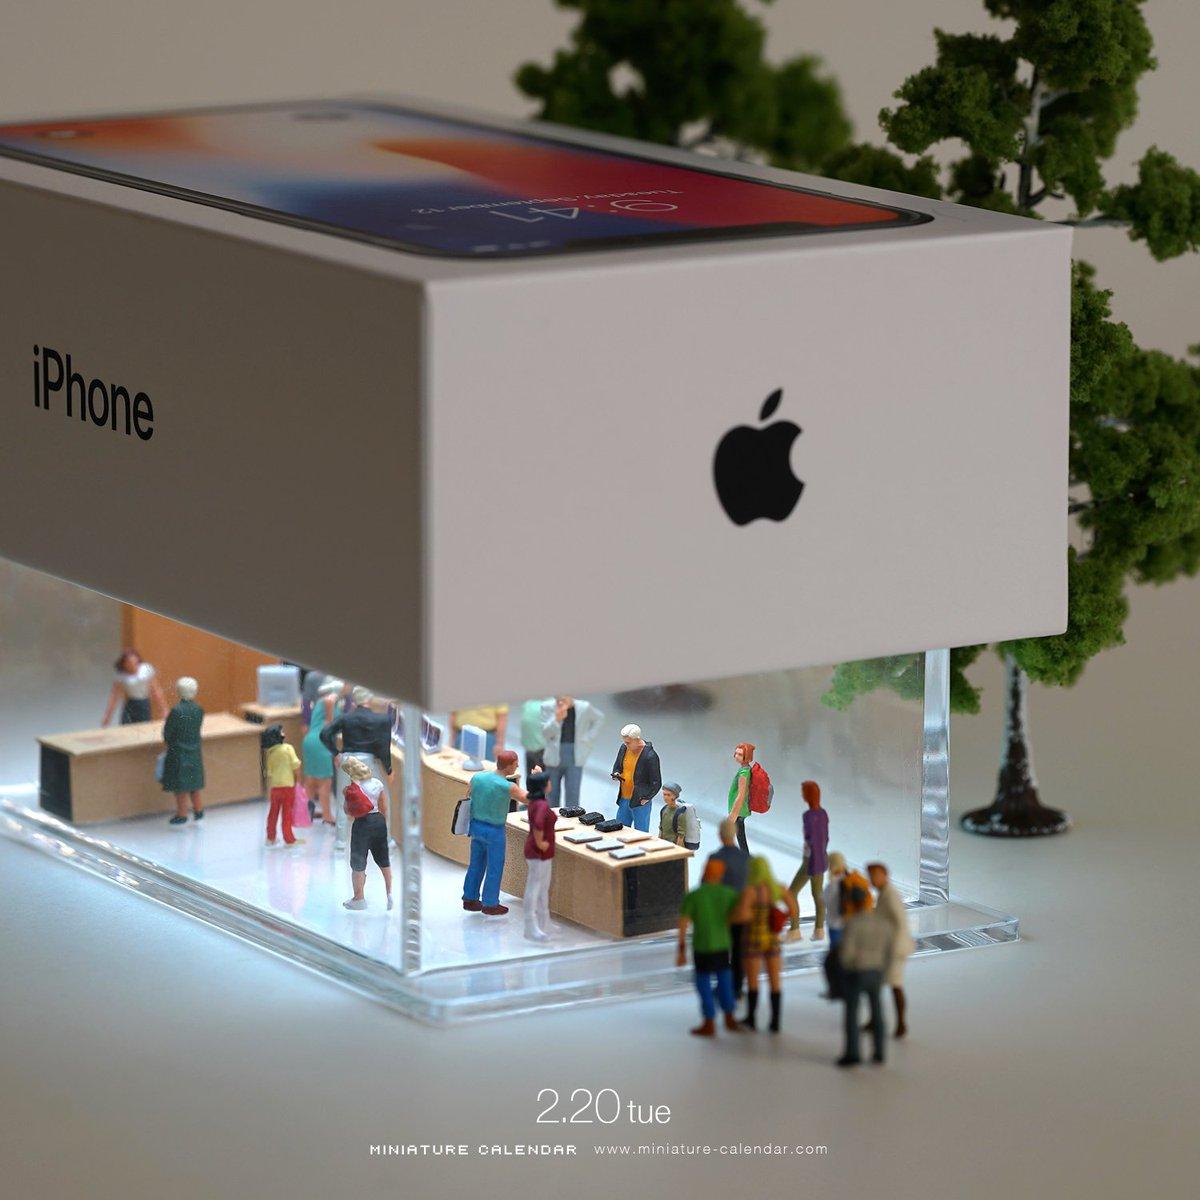 アップルストア iPhone店(テン)   #AppleStore #iPhoneX